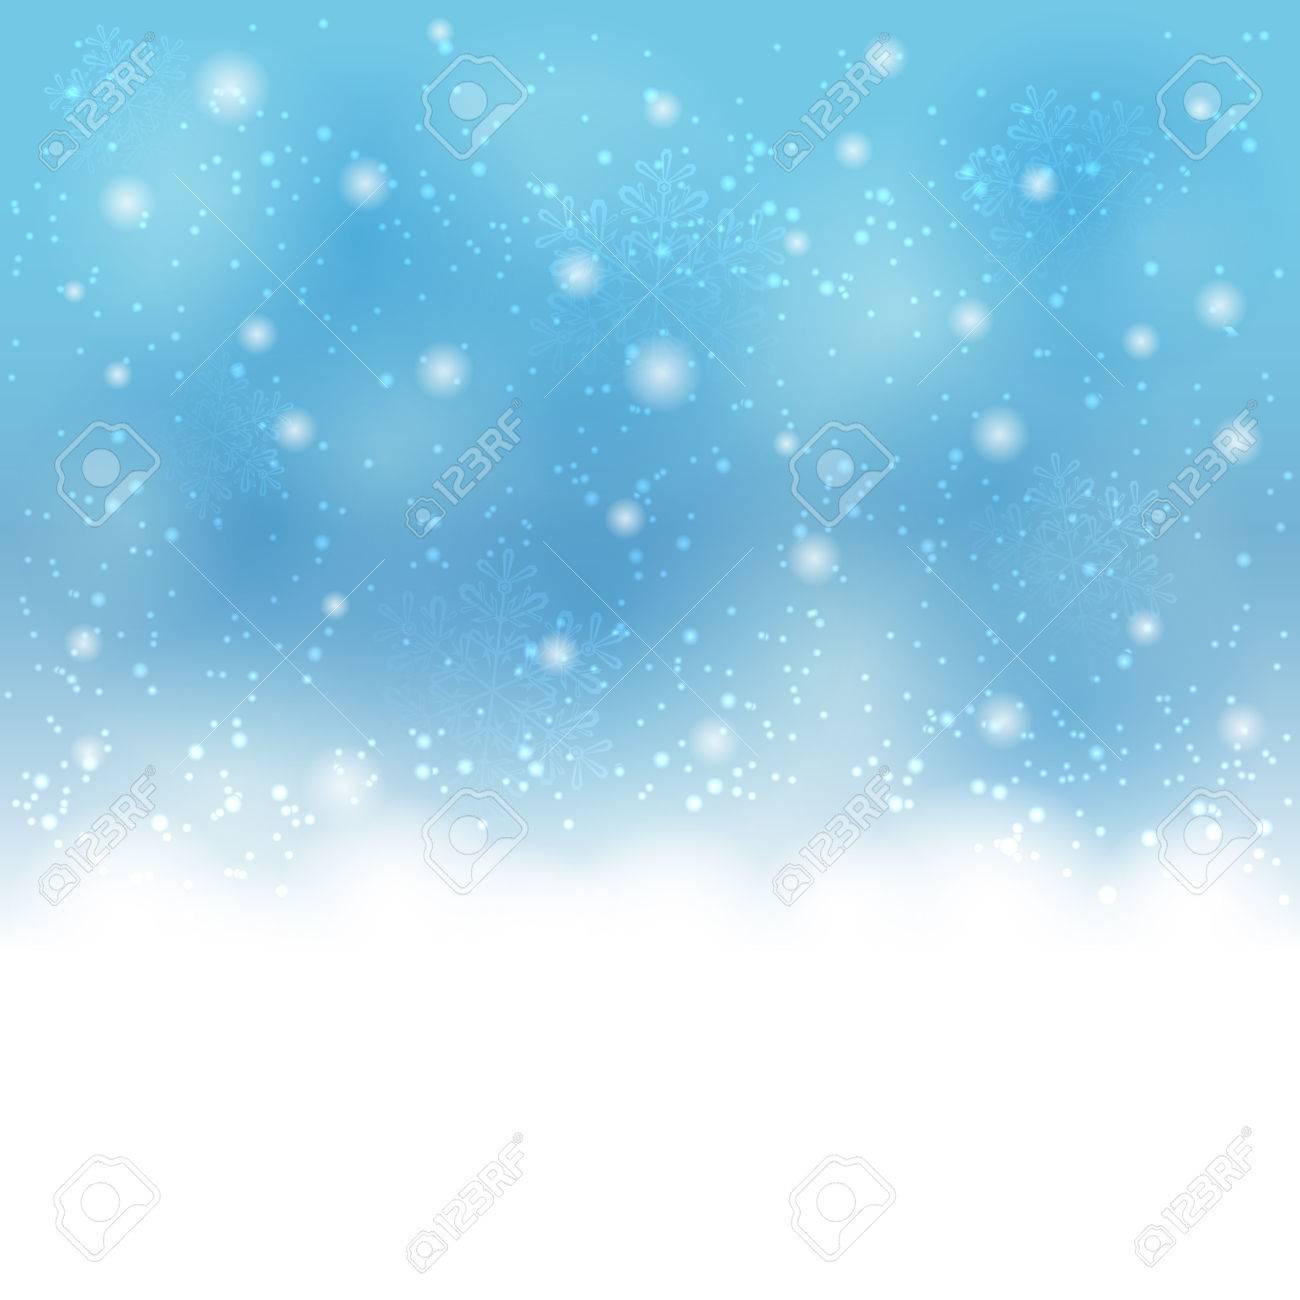 青色のクリスマス背景に雪と積雪 イラストのイラスト素材ベクタ